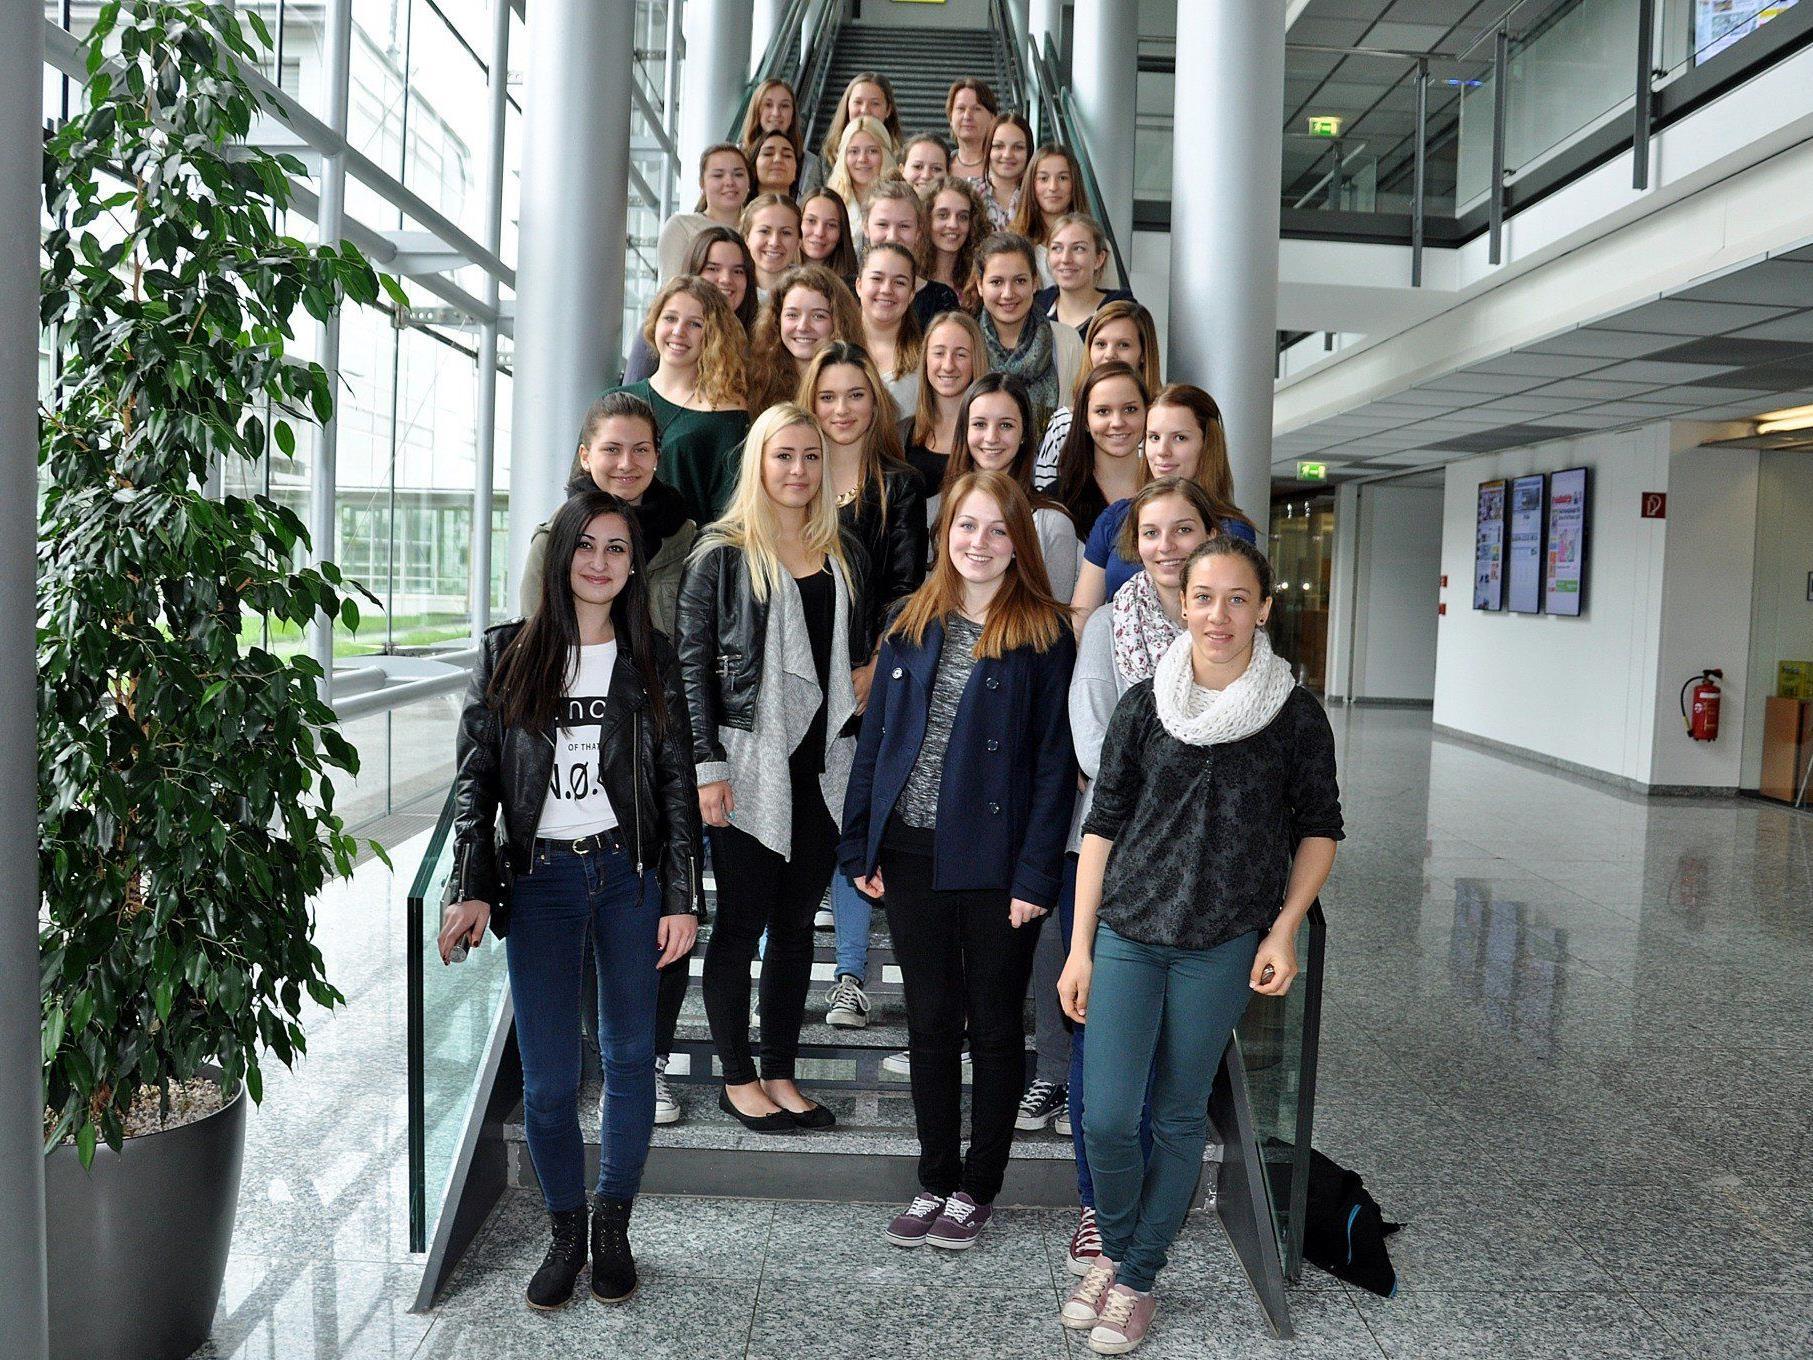 Die Schülerinnen der  3c der HLW Rankweil bekamen einen Einblick in die heimische Medienlandschaft.